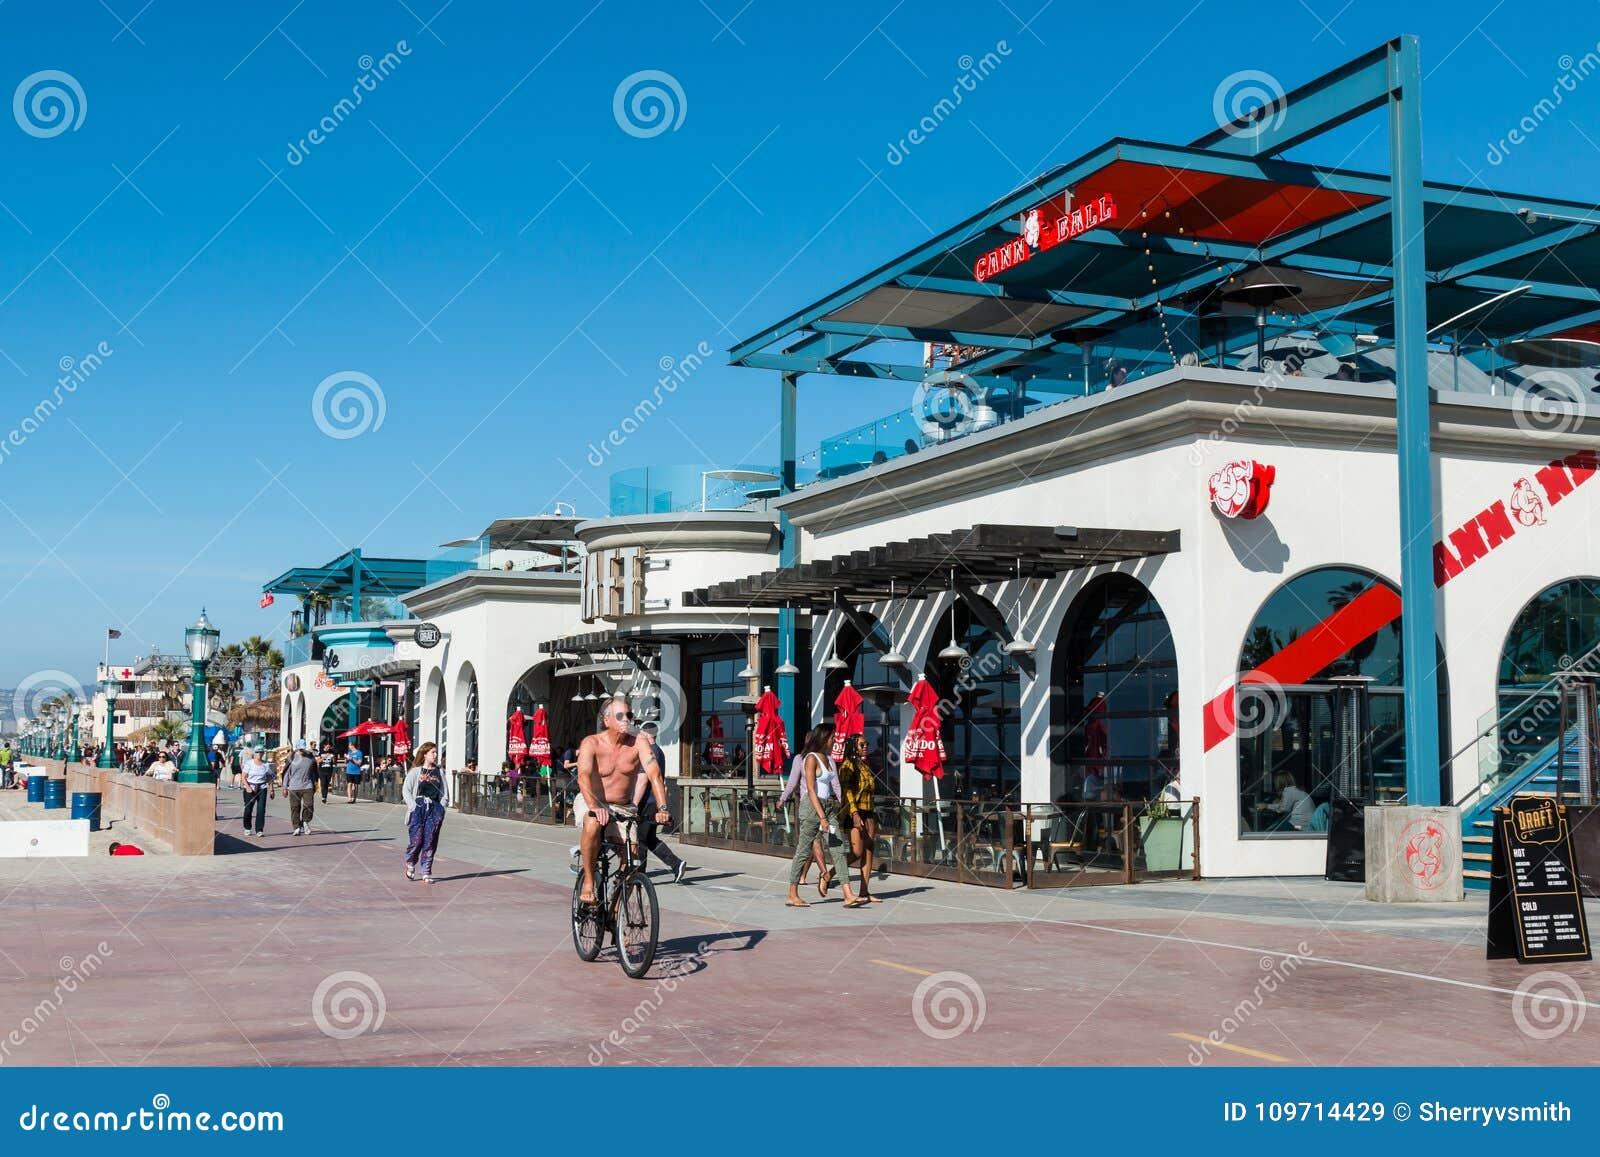 People Bike And Walk Along Mission Beach Boardwalk In San